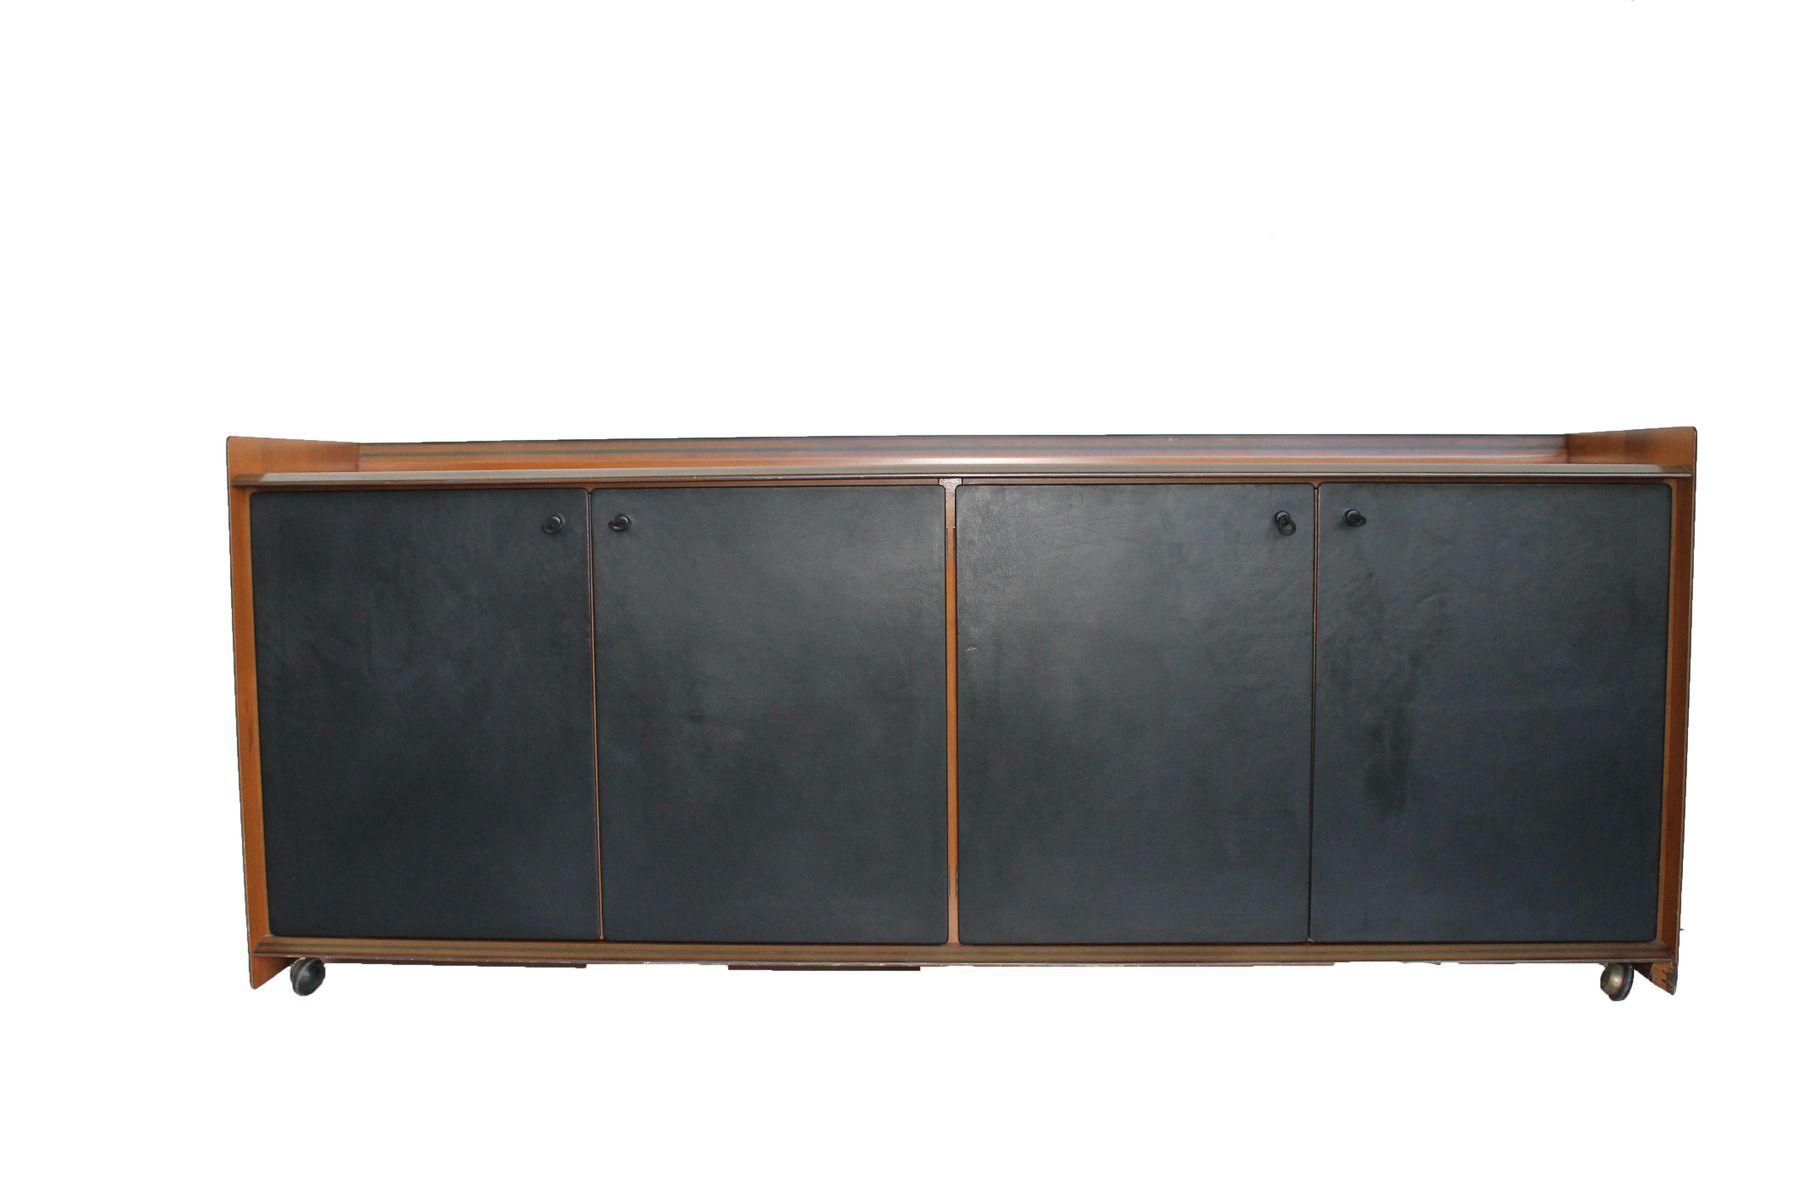 Artona Sideboard von Afra Tobia Scarpa für Maxalto, 1978